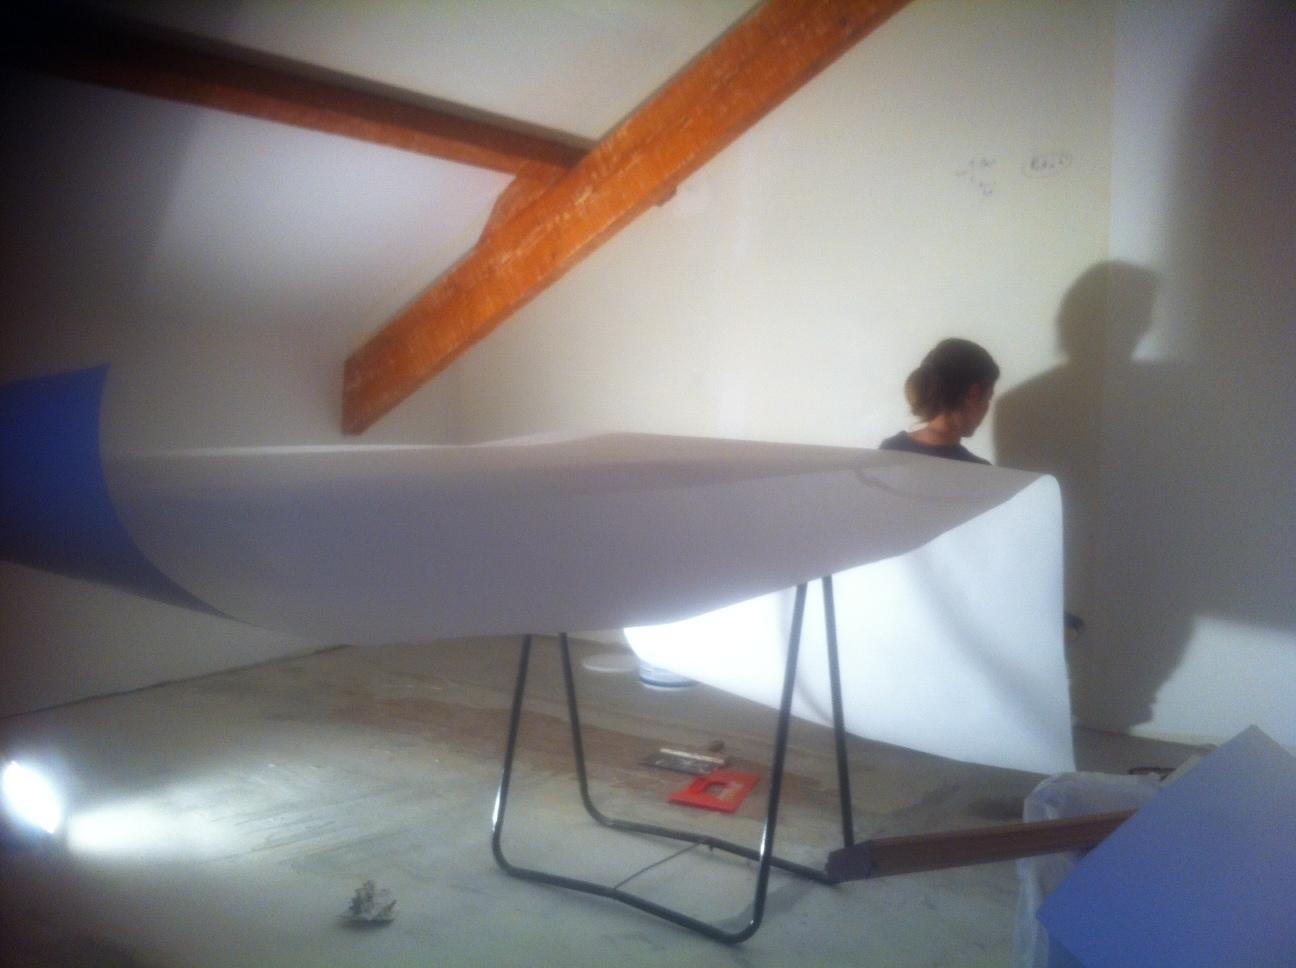 Poser du papier peint au plafond Fiche pratique - Poser Du Papier Peint Au Plafond